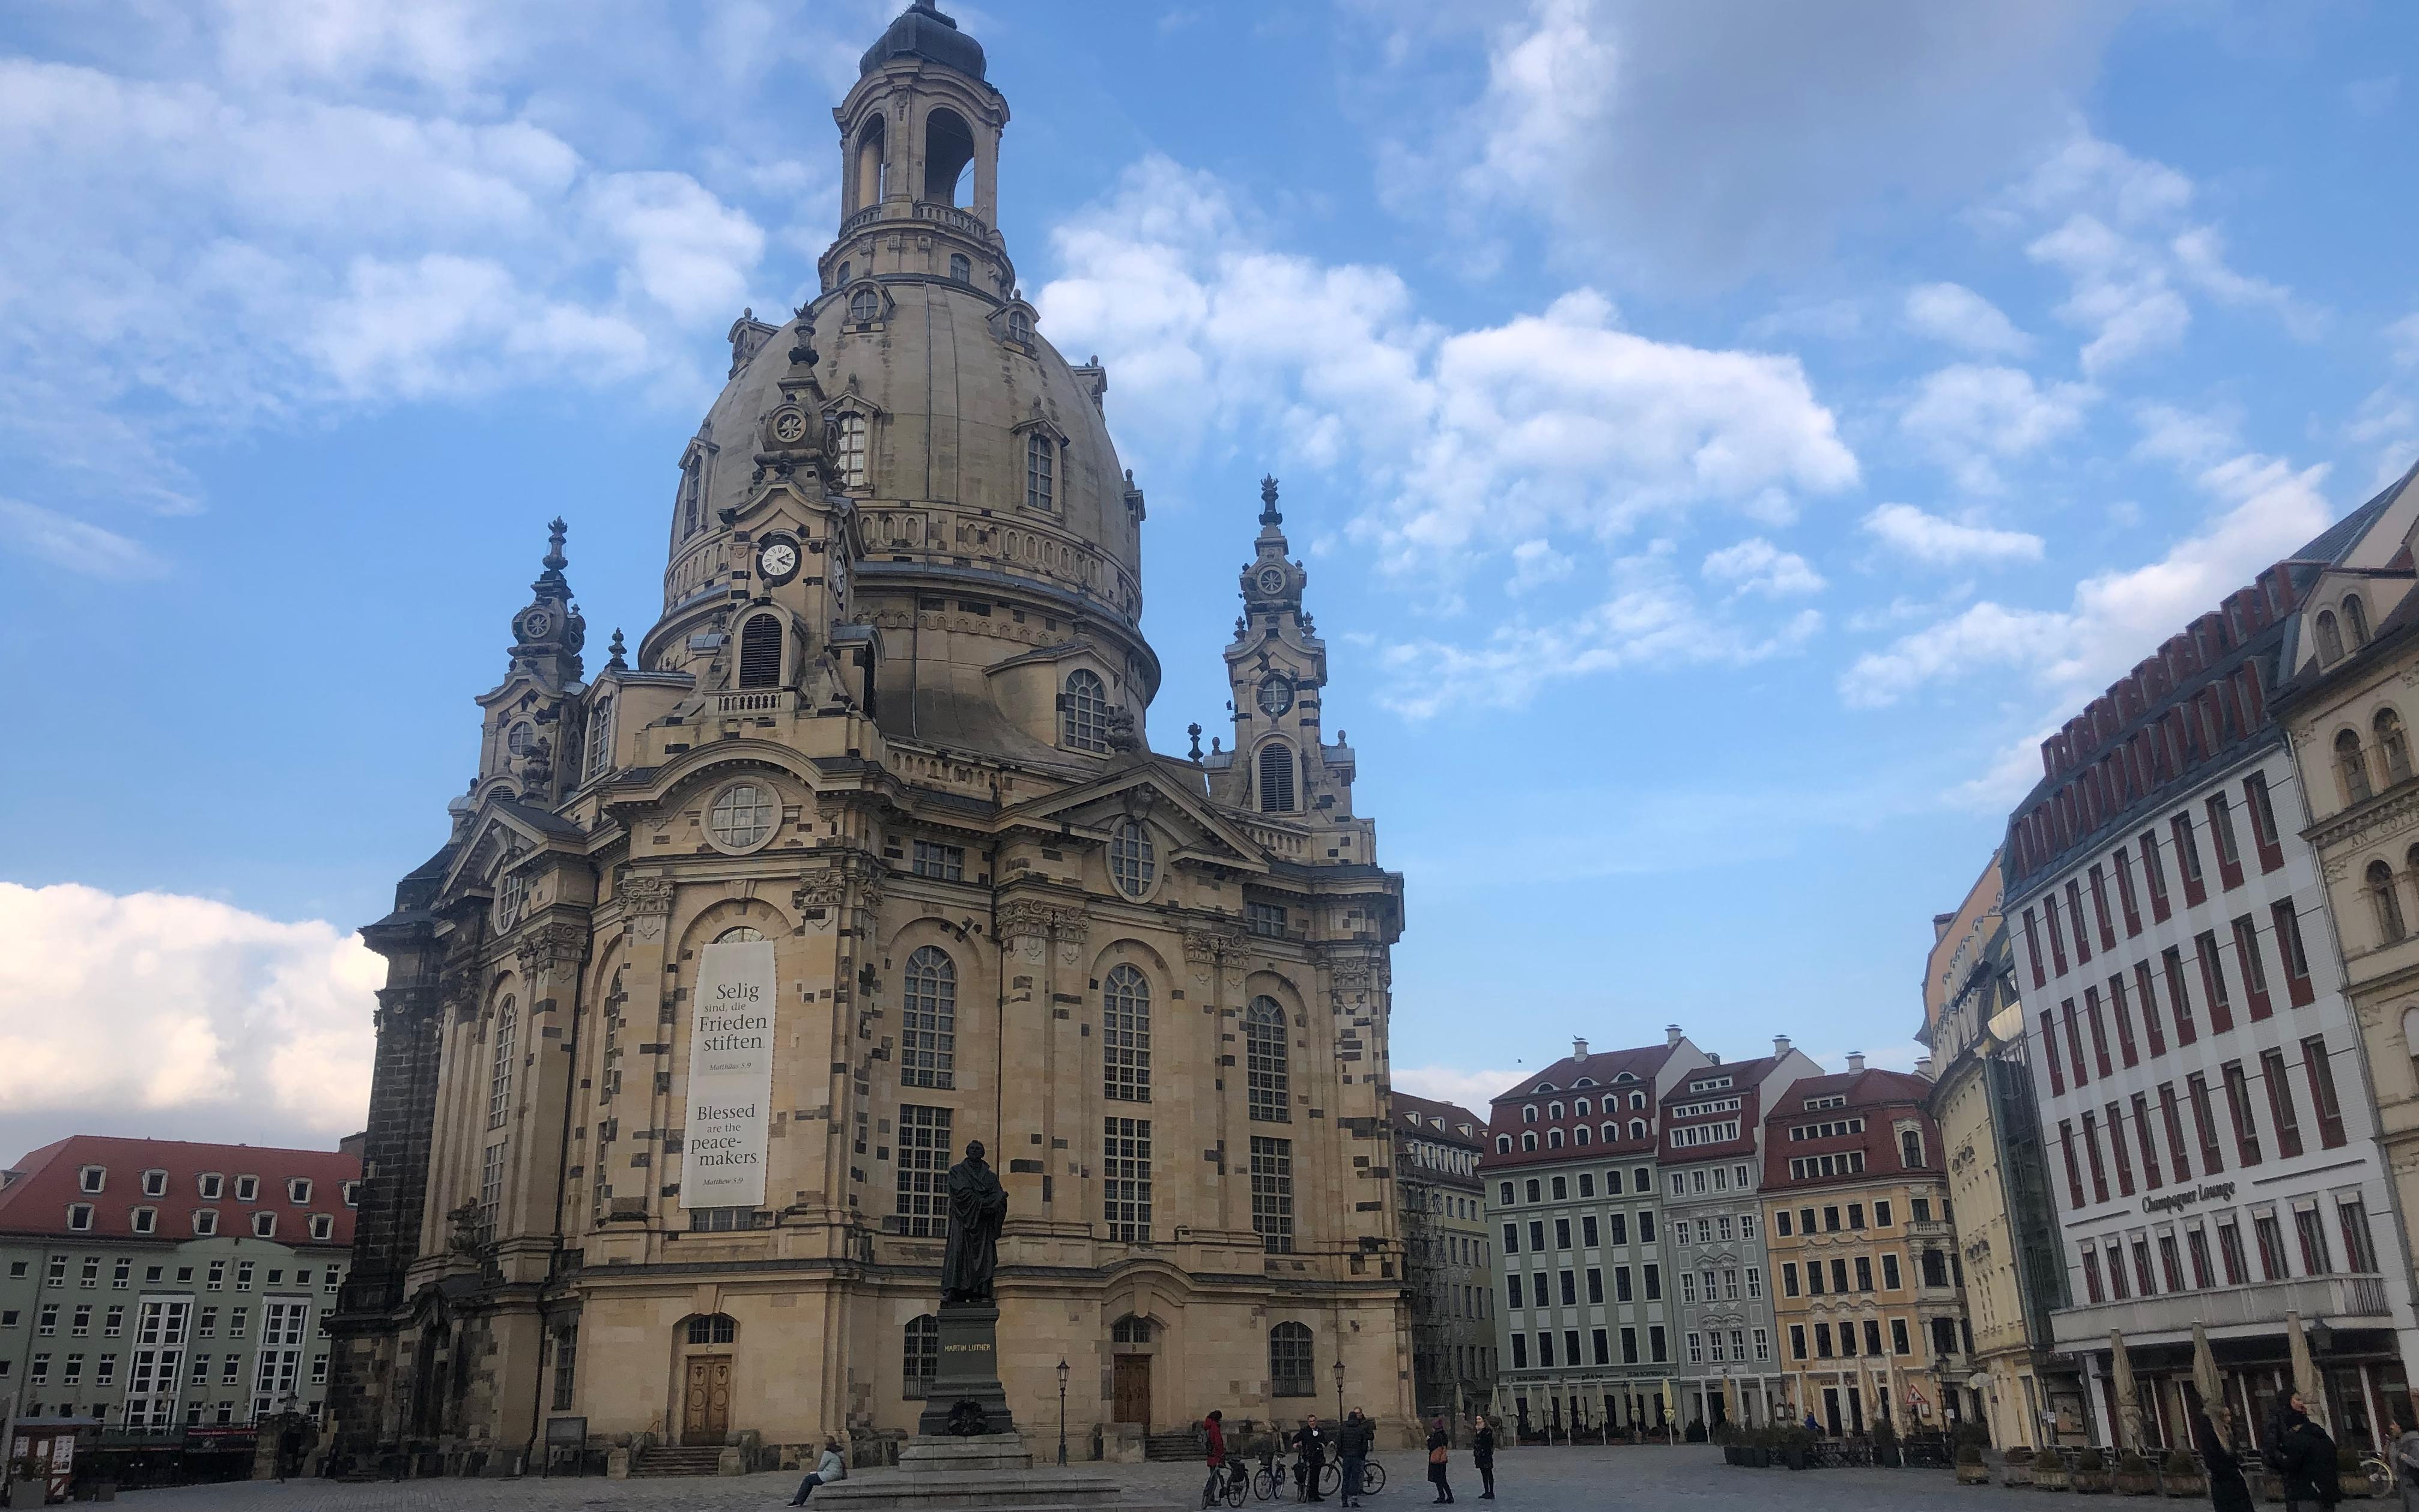 Meine Runde führte mich auch an der wunderschönen Frauenkirche vorbei.